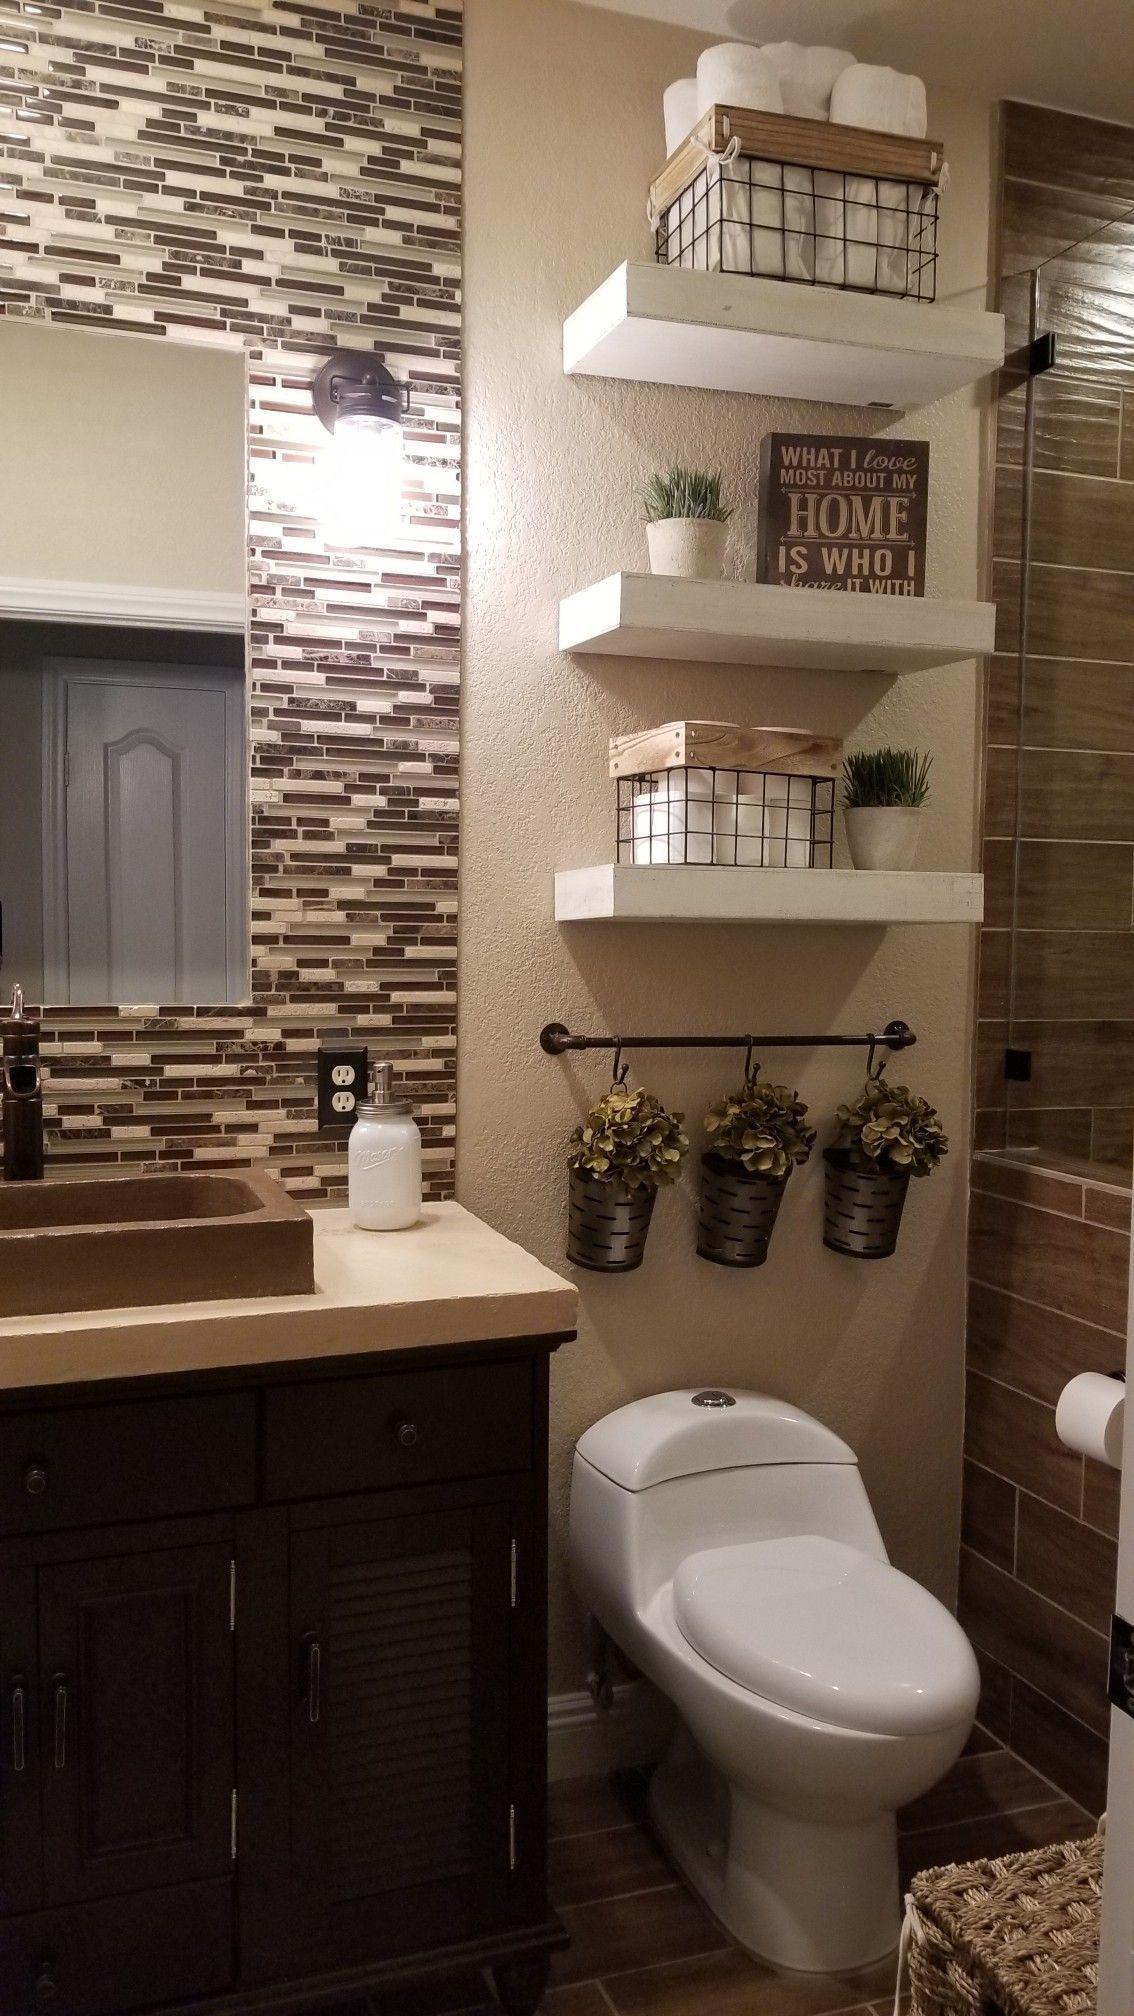 50 Beautiful Farmhouse Bathroom Design And Decor Ideas Home Decor And Garden Ideas In 2021 Bathroom Decor Apartment Guest Bathroom Decor Bathroom Design Home decor bathroom pictures